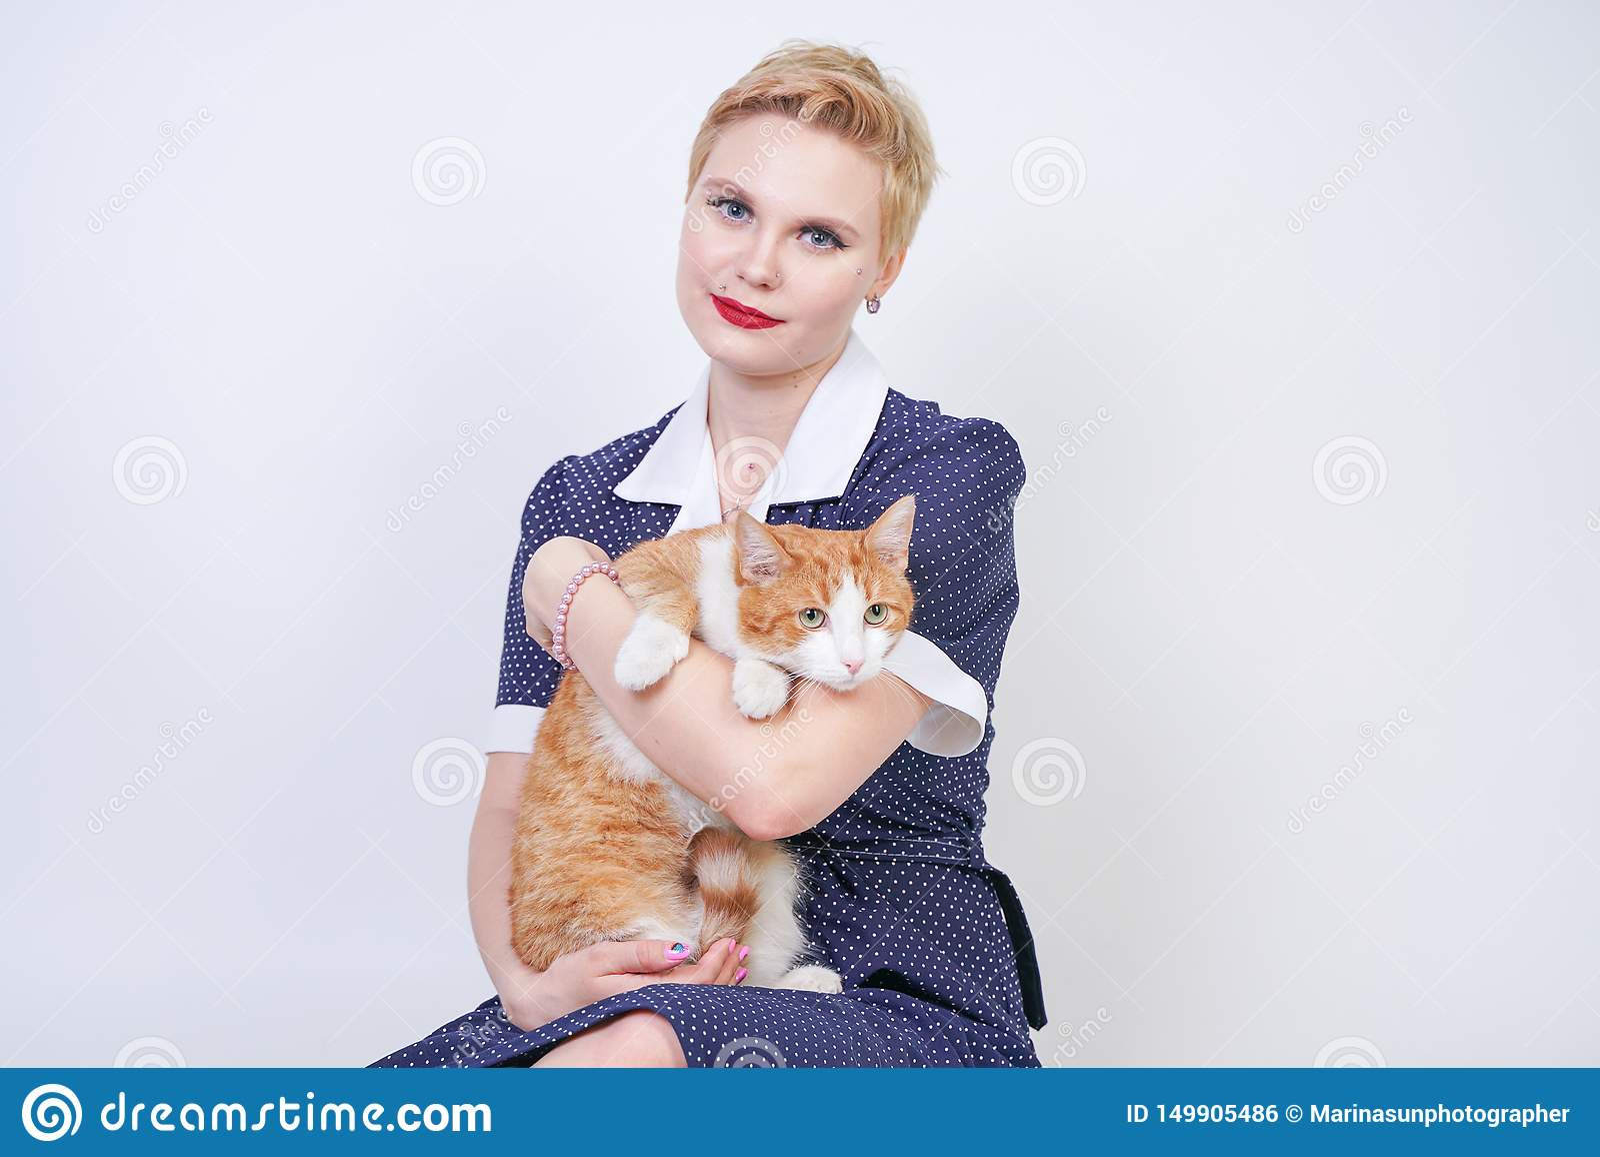 Nette nette Frau mit dem kurzen Haar im Pinuptupfenkleid, das ihr geliebtes Haustier auf einem weißen Hintergrund im Studio hält